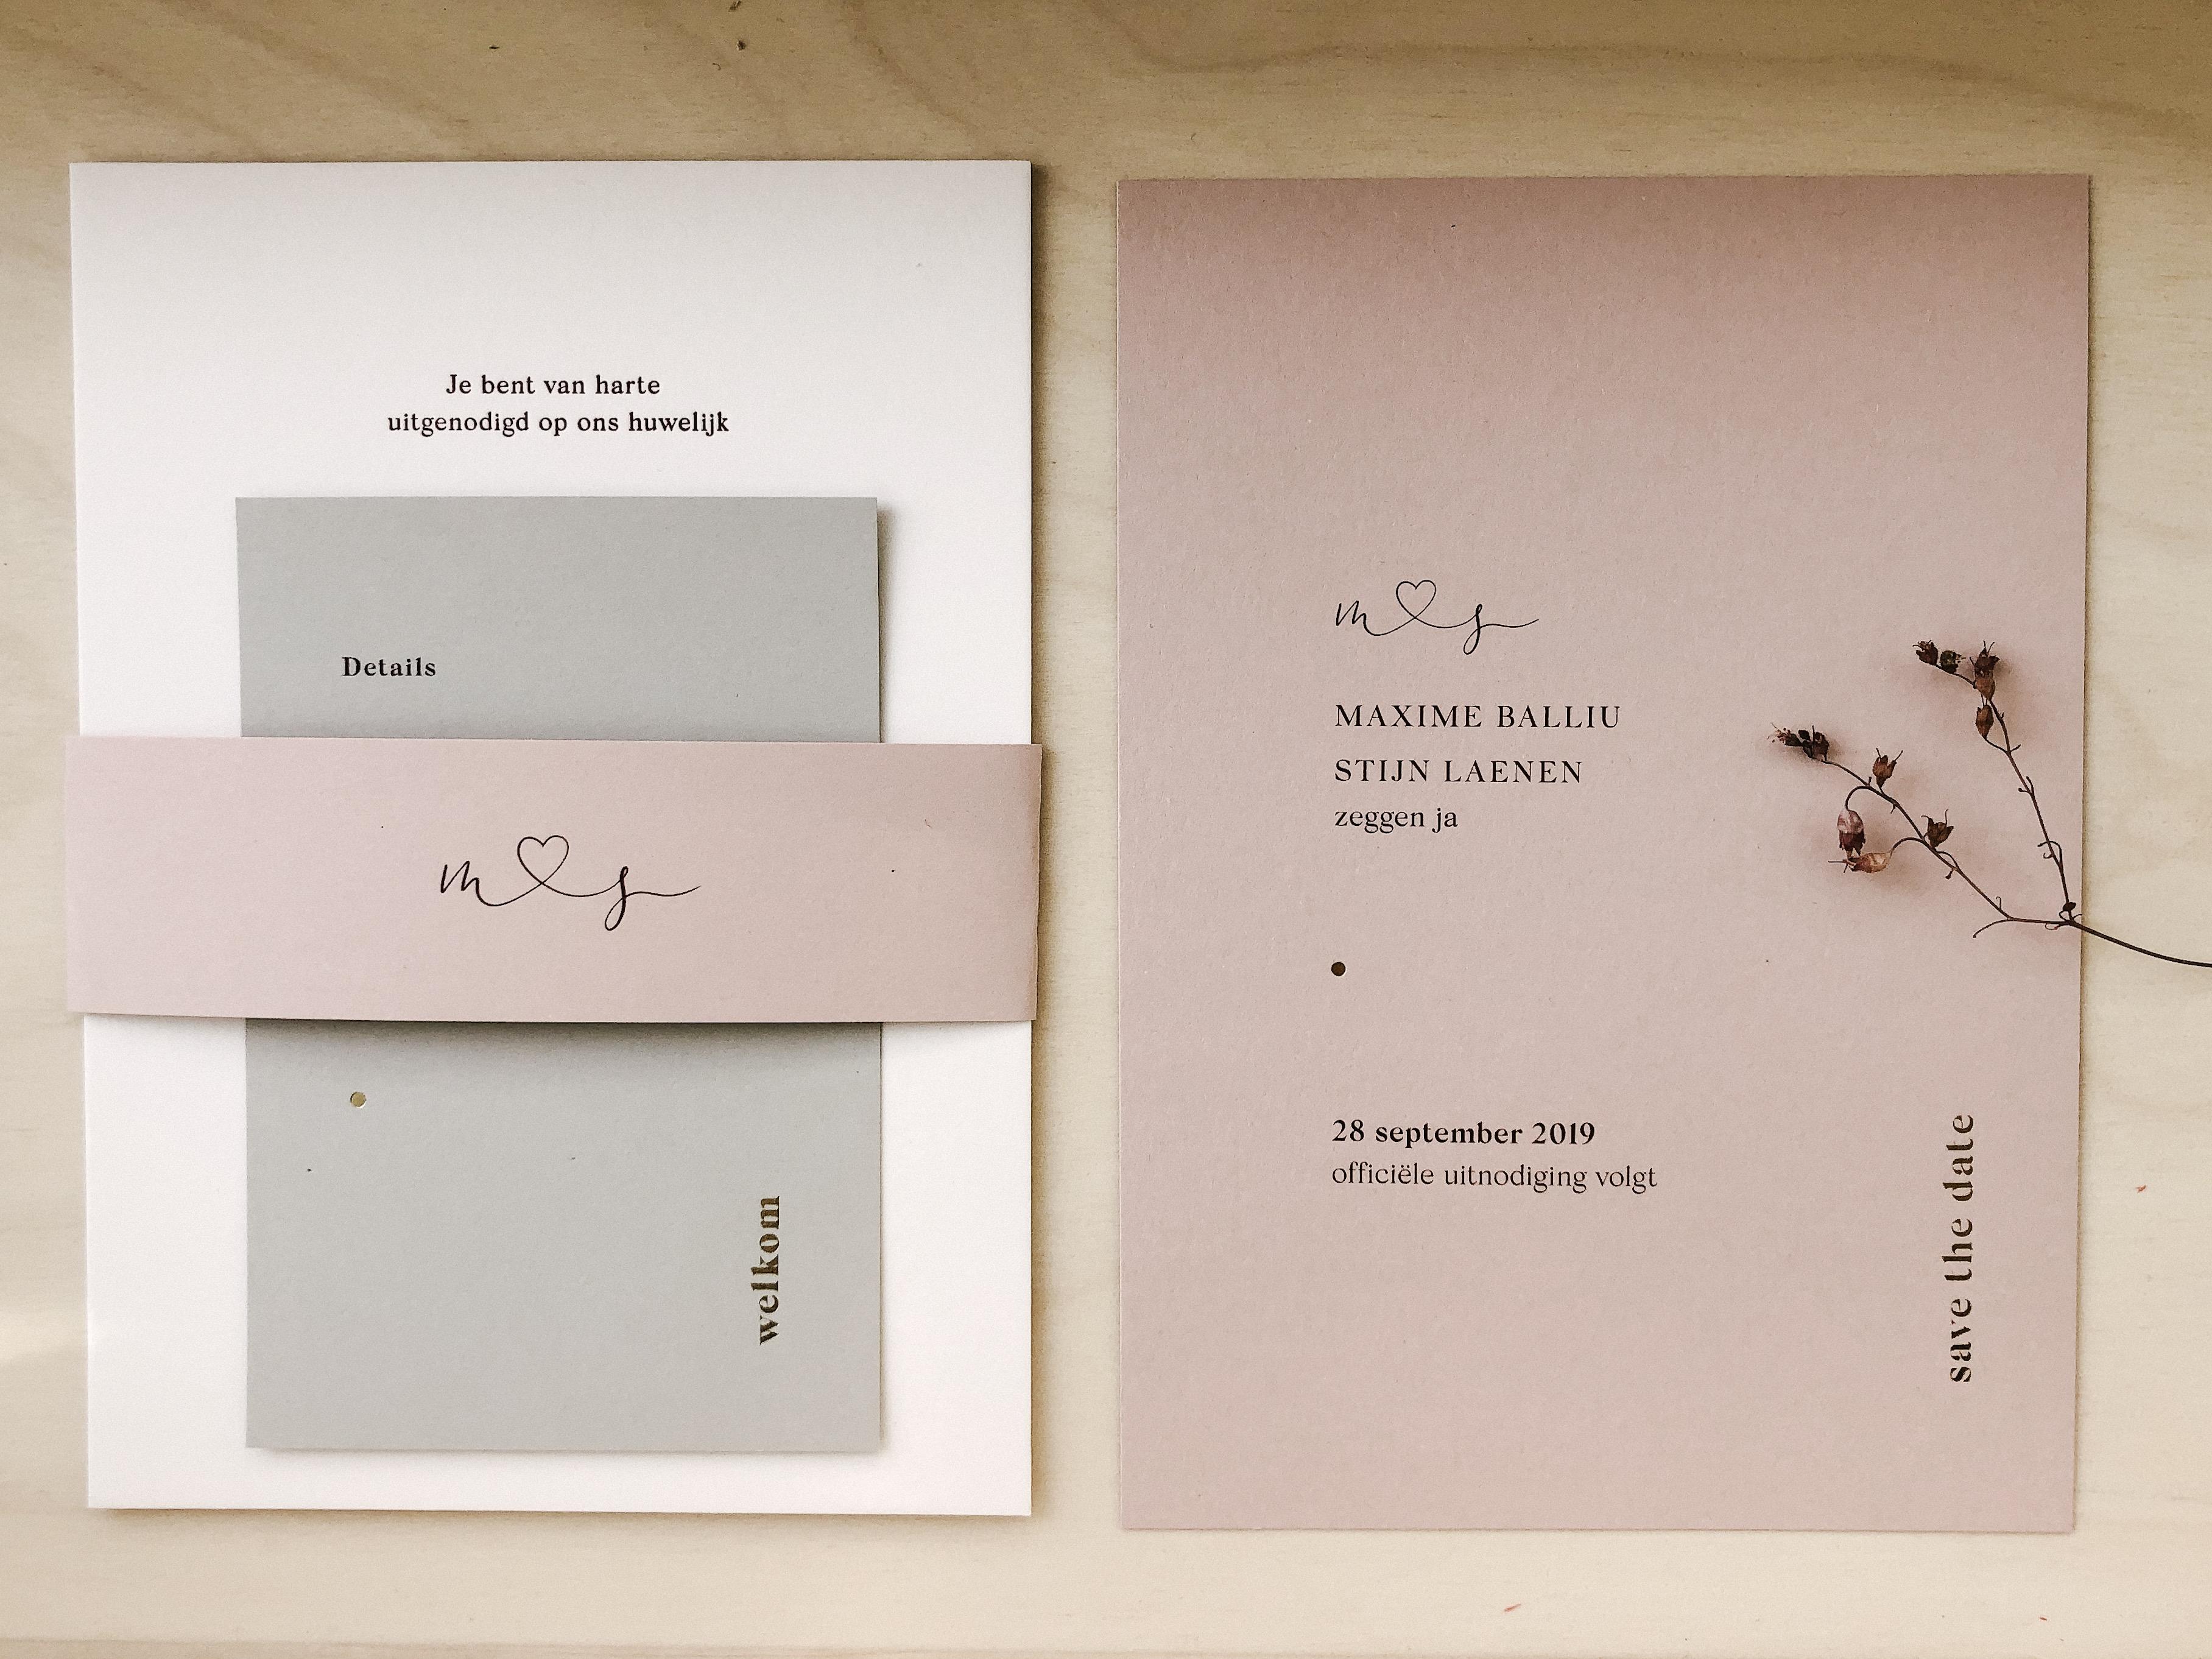 HUwelijksuitnodiging op roze, grijs en wit papier afgewerkt met een bandje en goudfolie